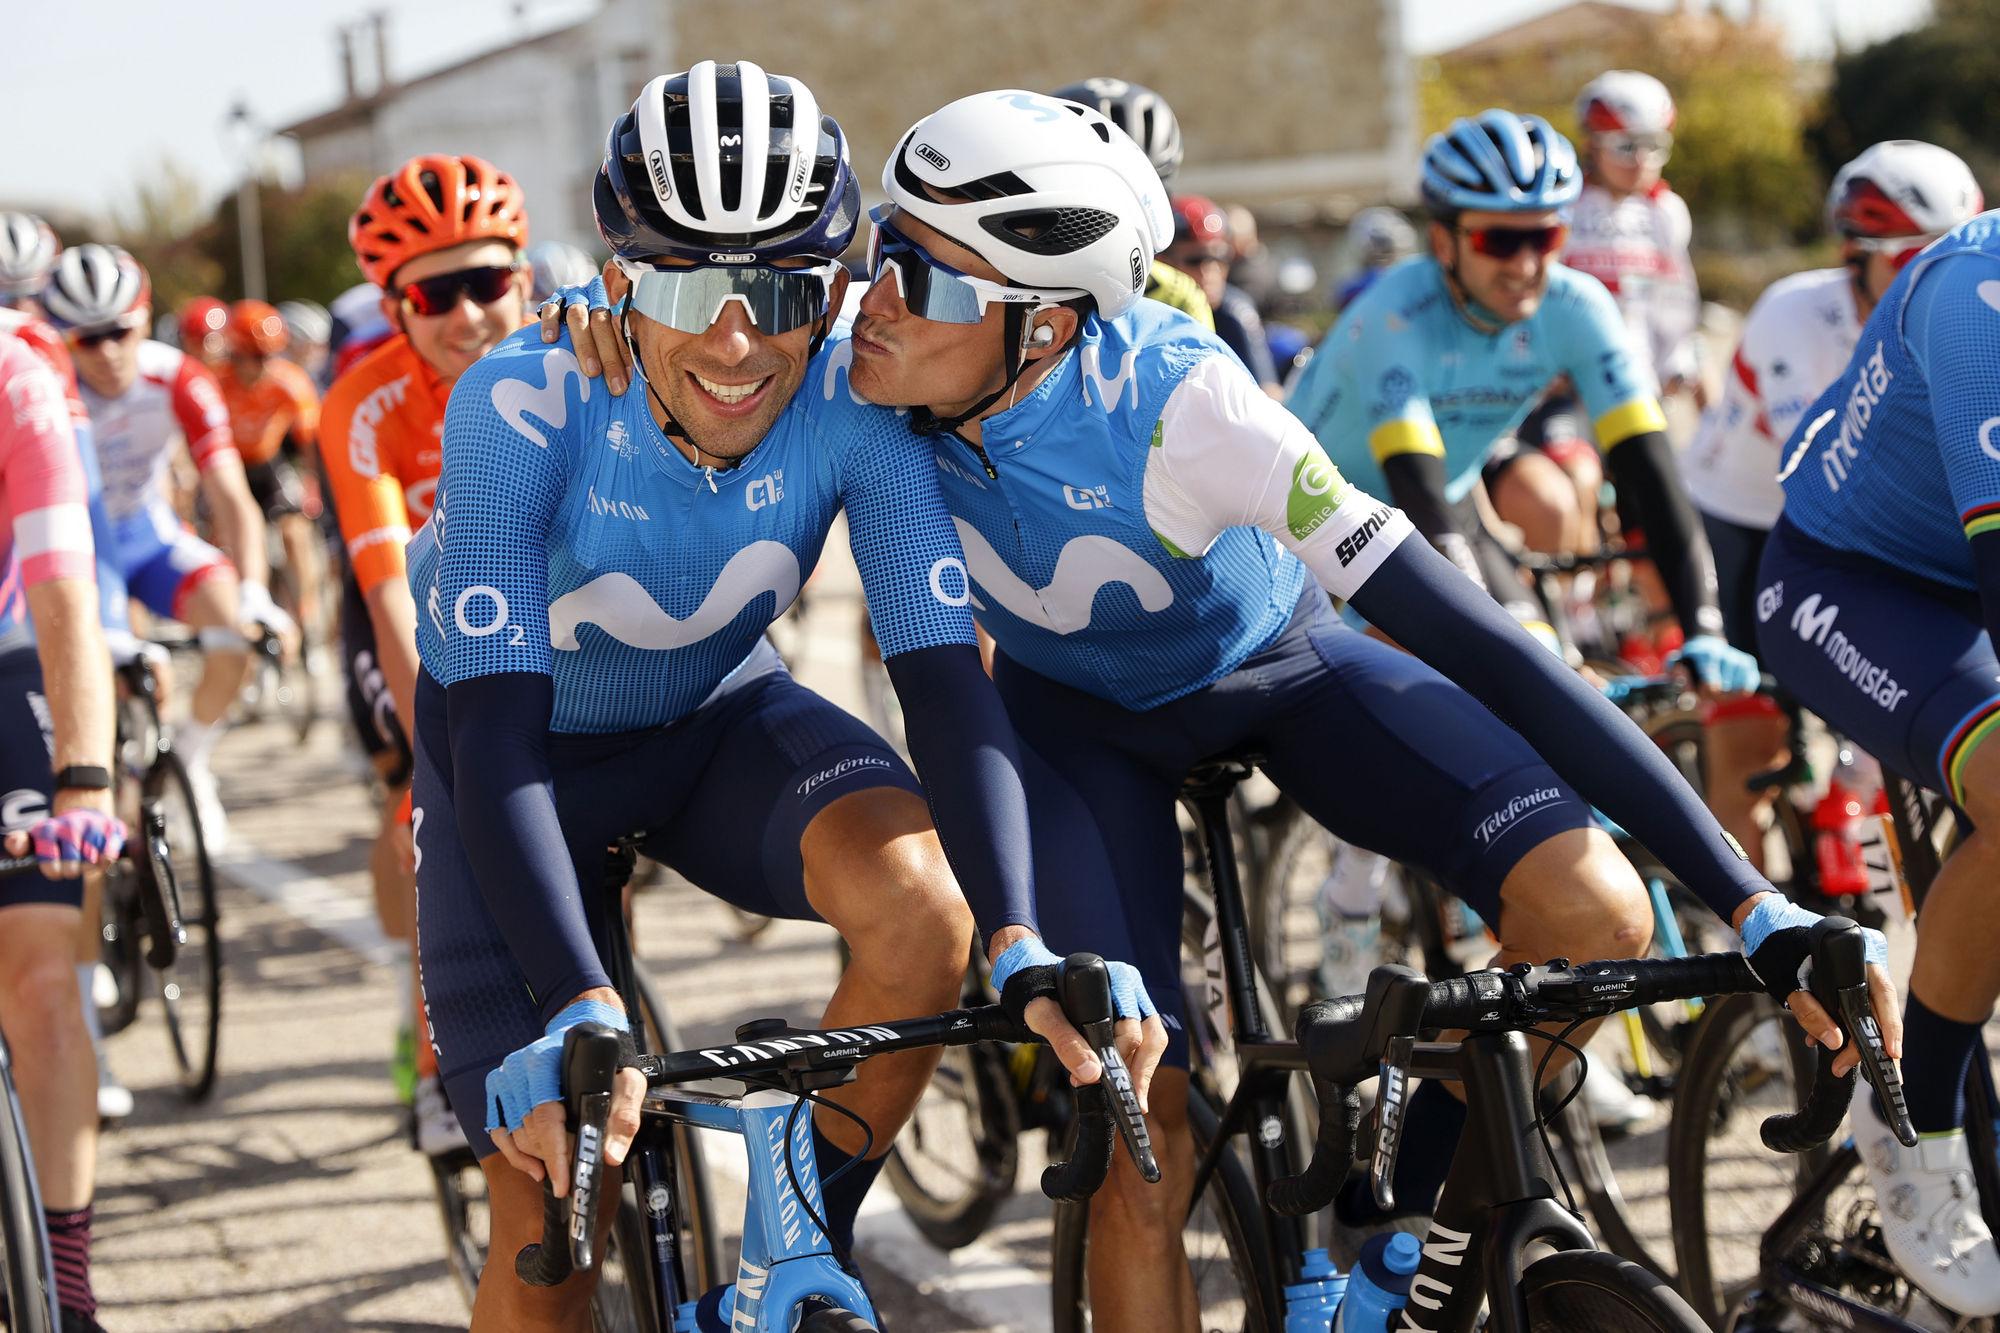 Cycling: Vuelta España 2020 / Tour Spain 2020 / 9 Etapa / 9 Stage / BUNCH / PELOTON / OLIVEIRA, Nelson (POR) MAS, Enric (ESP) / Castrillo del Val - Aguilar de Campo (163,6 km) 29-10-2020/ Cycling: Vuelta España 2020 / Tour Spain 2020 / 9 Etapa / 9 Stage / ©PHOTOGOMEZSPORT2020